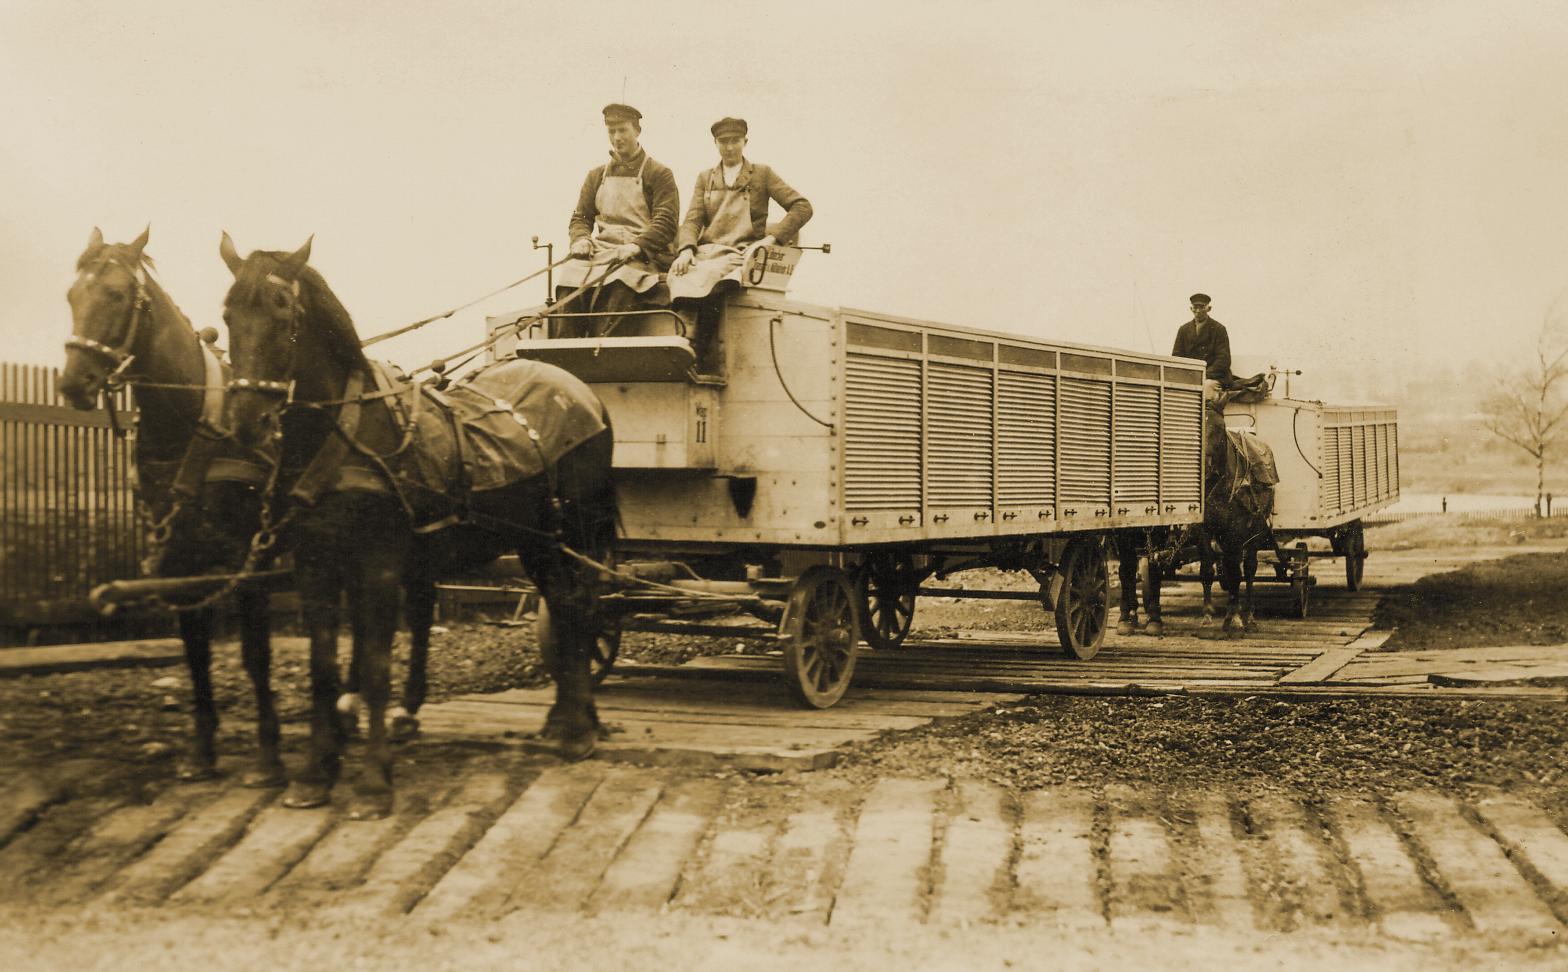 Pfedewagen mit zwei Arbeitern auf dem Kutschbock, die Ladefläche ist mit Metall-Rolläden abgedeckt.